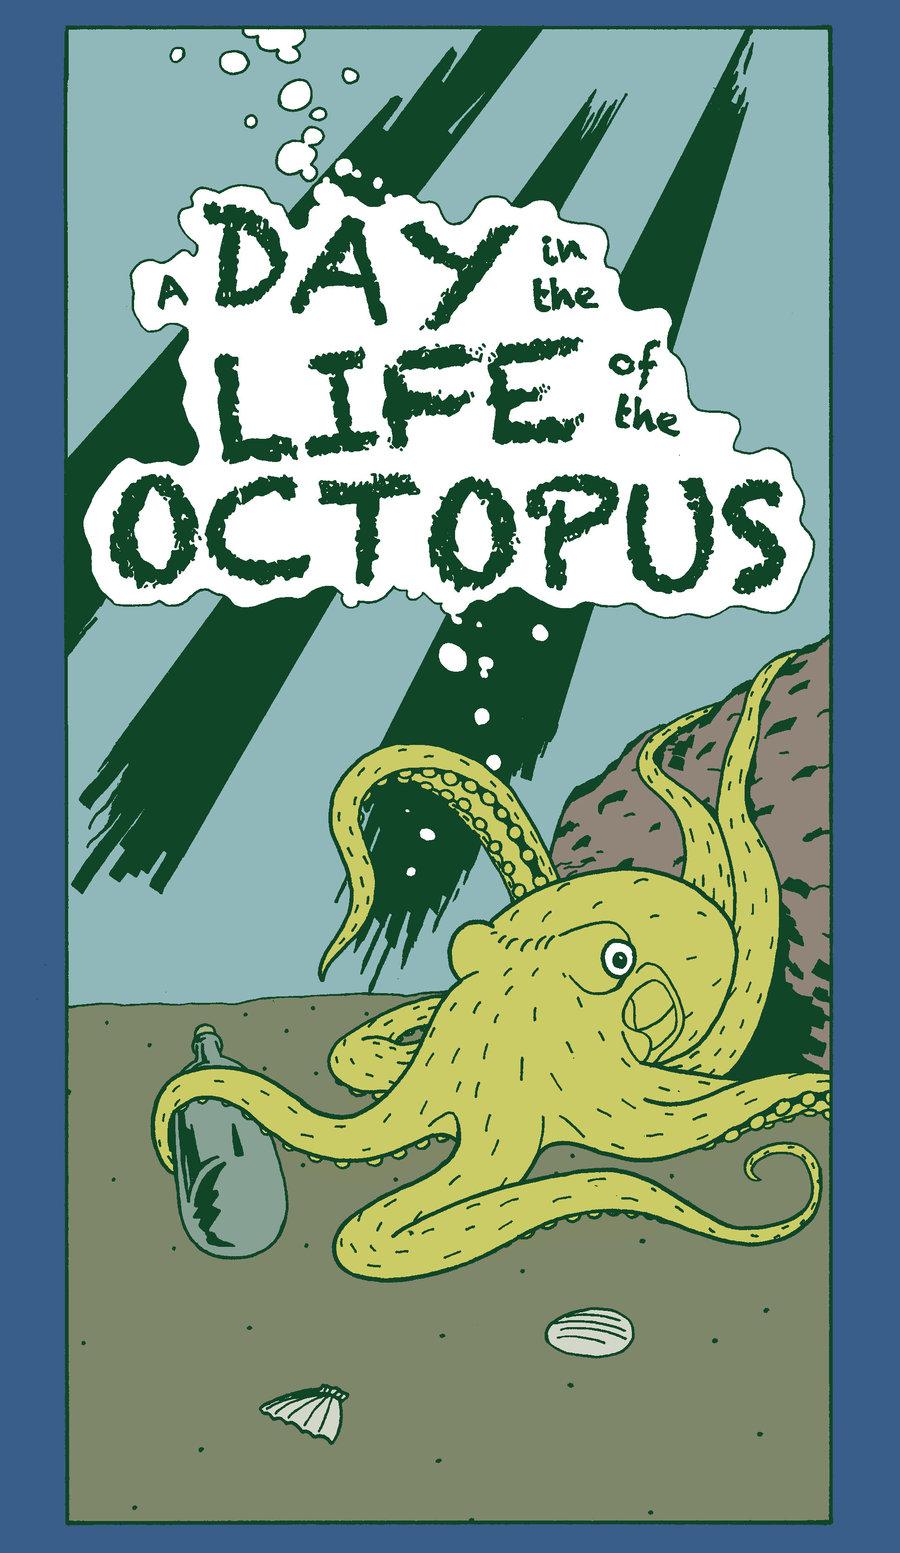 Octopus pg.1